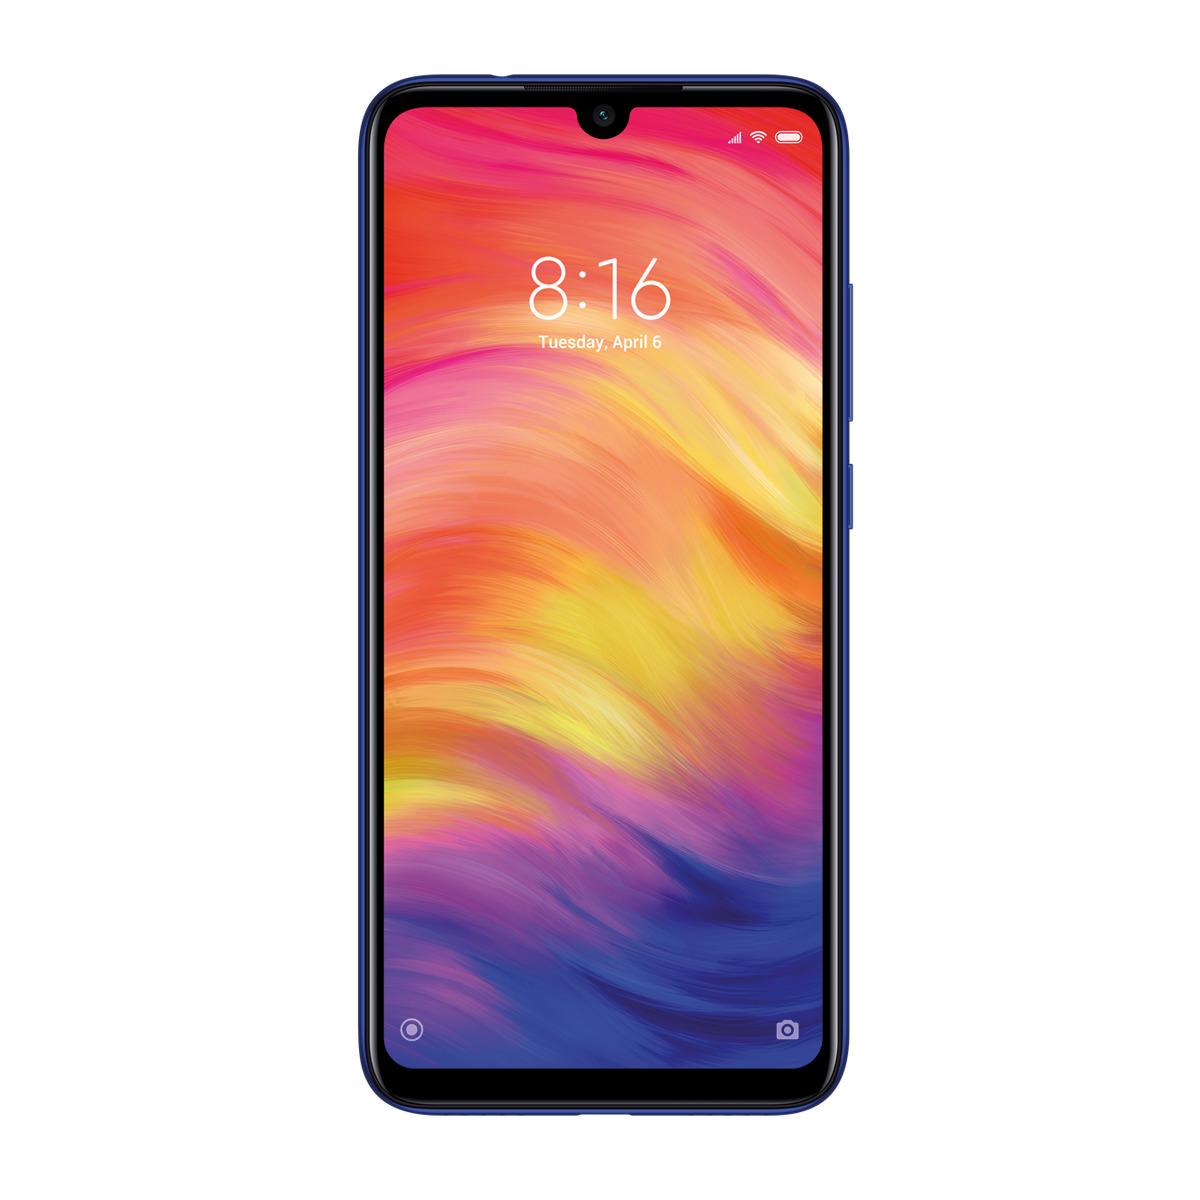 Una de las estrellas de Xiaomi, el Redmi Note 7 proporciona rendimiento todoterreno y 128 GB de almacenamiento unidos a una batería de 4.000 mAh. Equilibrado y con buen rendimiento.